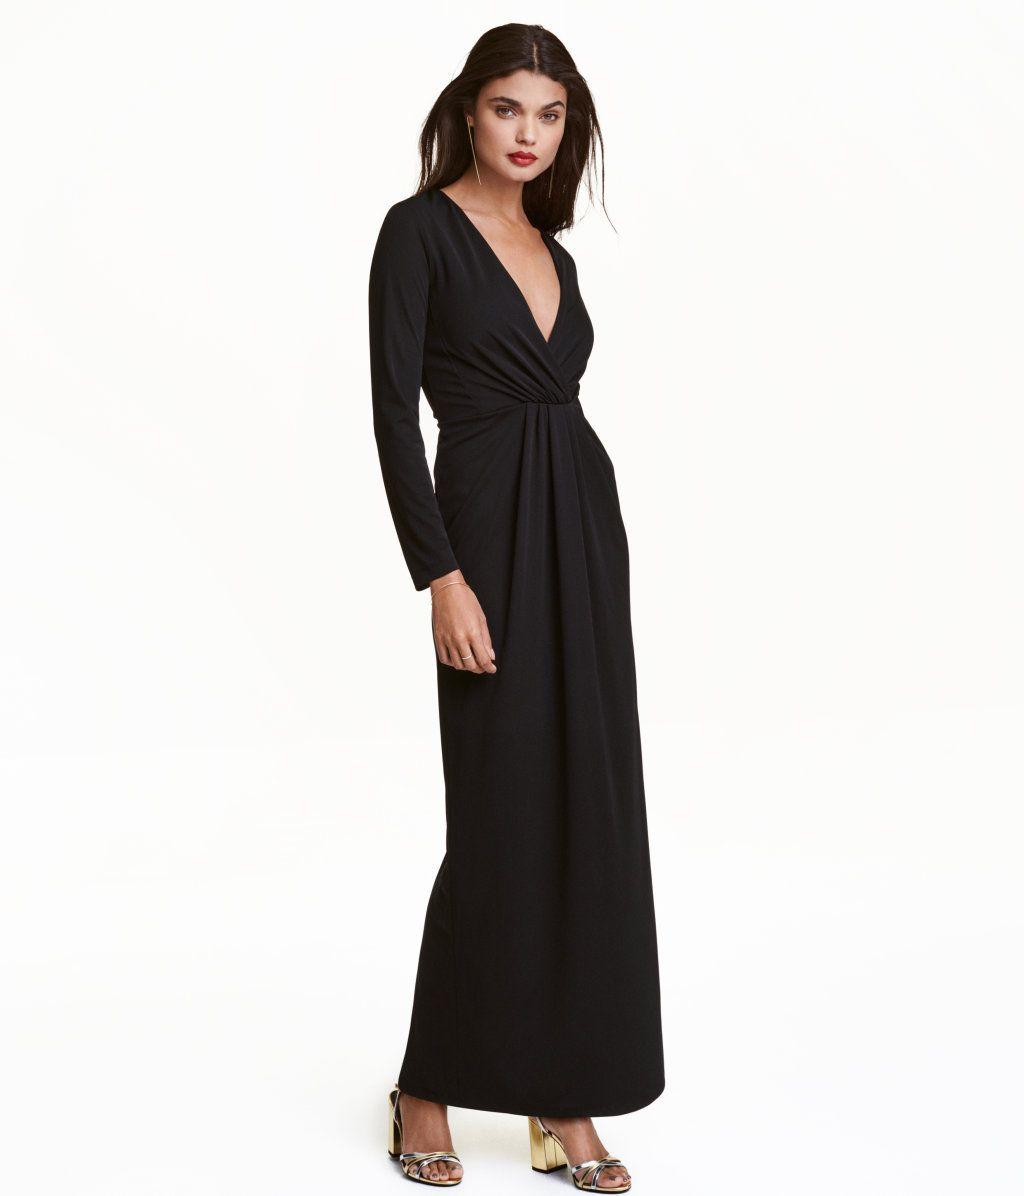 c3621933a38f Sort. Lang kjole i kraftig jersey med drapering foran. Kjolen har dyb V- udskæring og slå om-detalje foroven med faste indlæg ved brystet. Lange  ærmer og